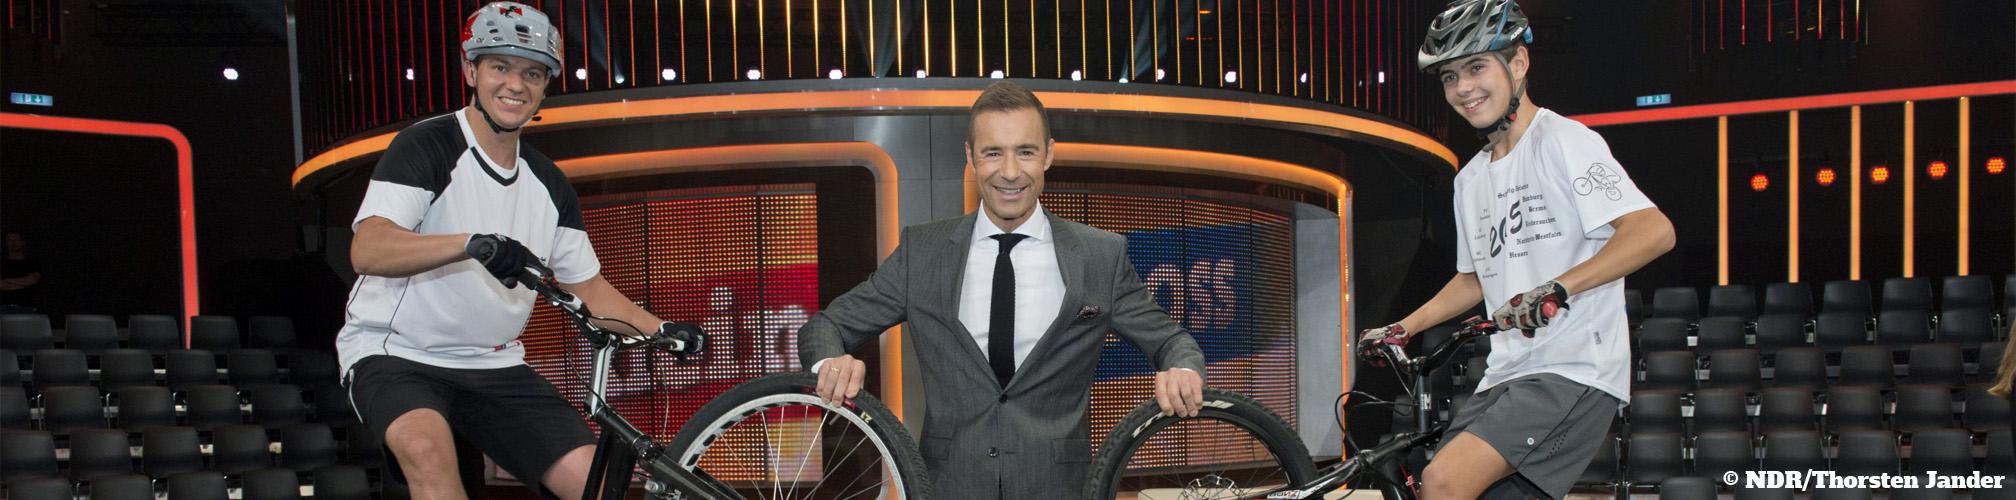 TV-Show - Klein gegen Groß